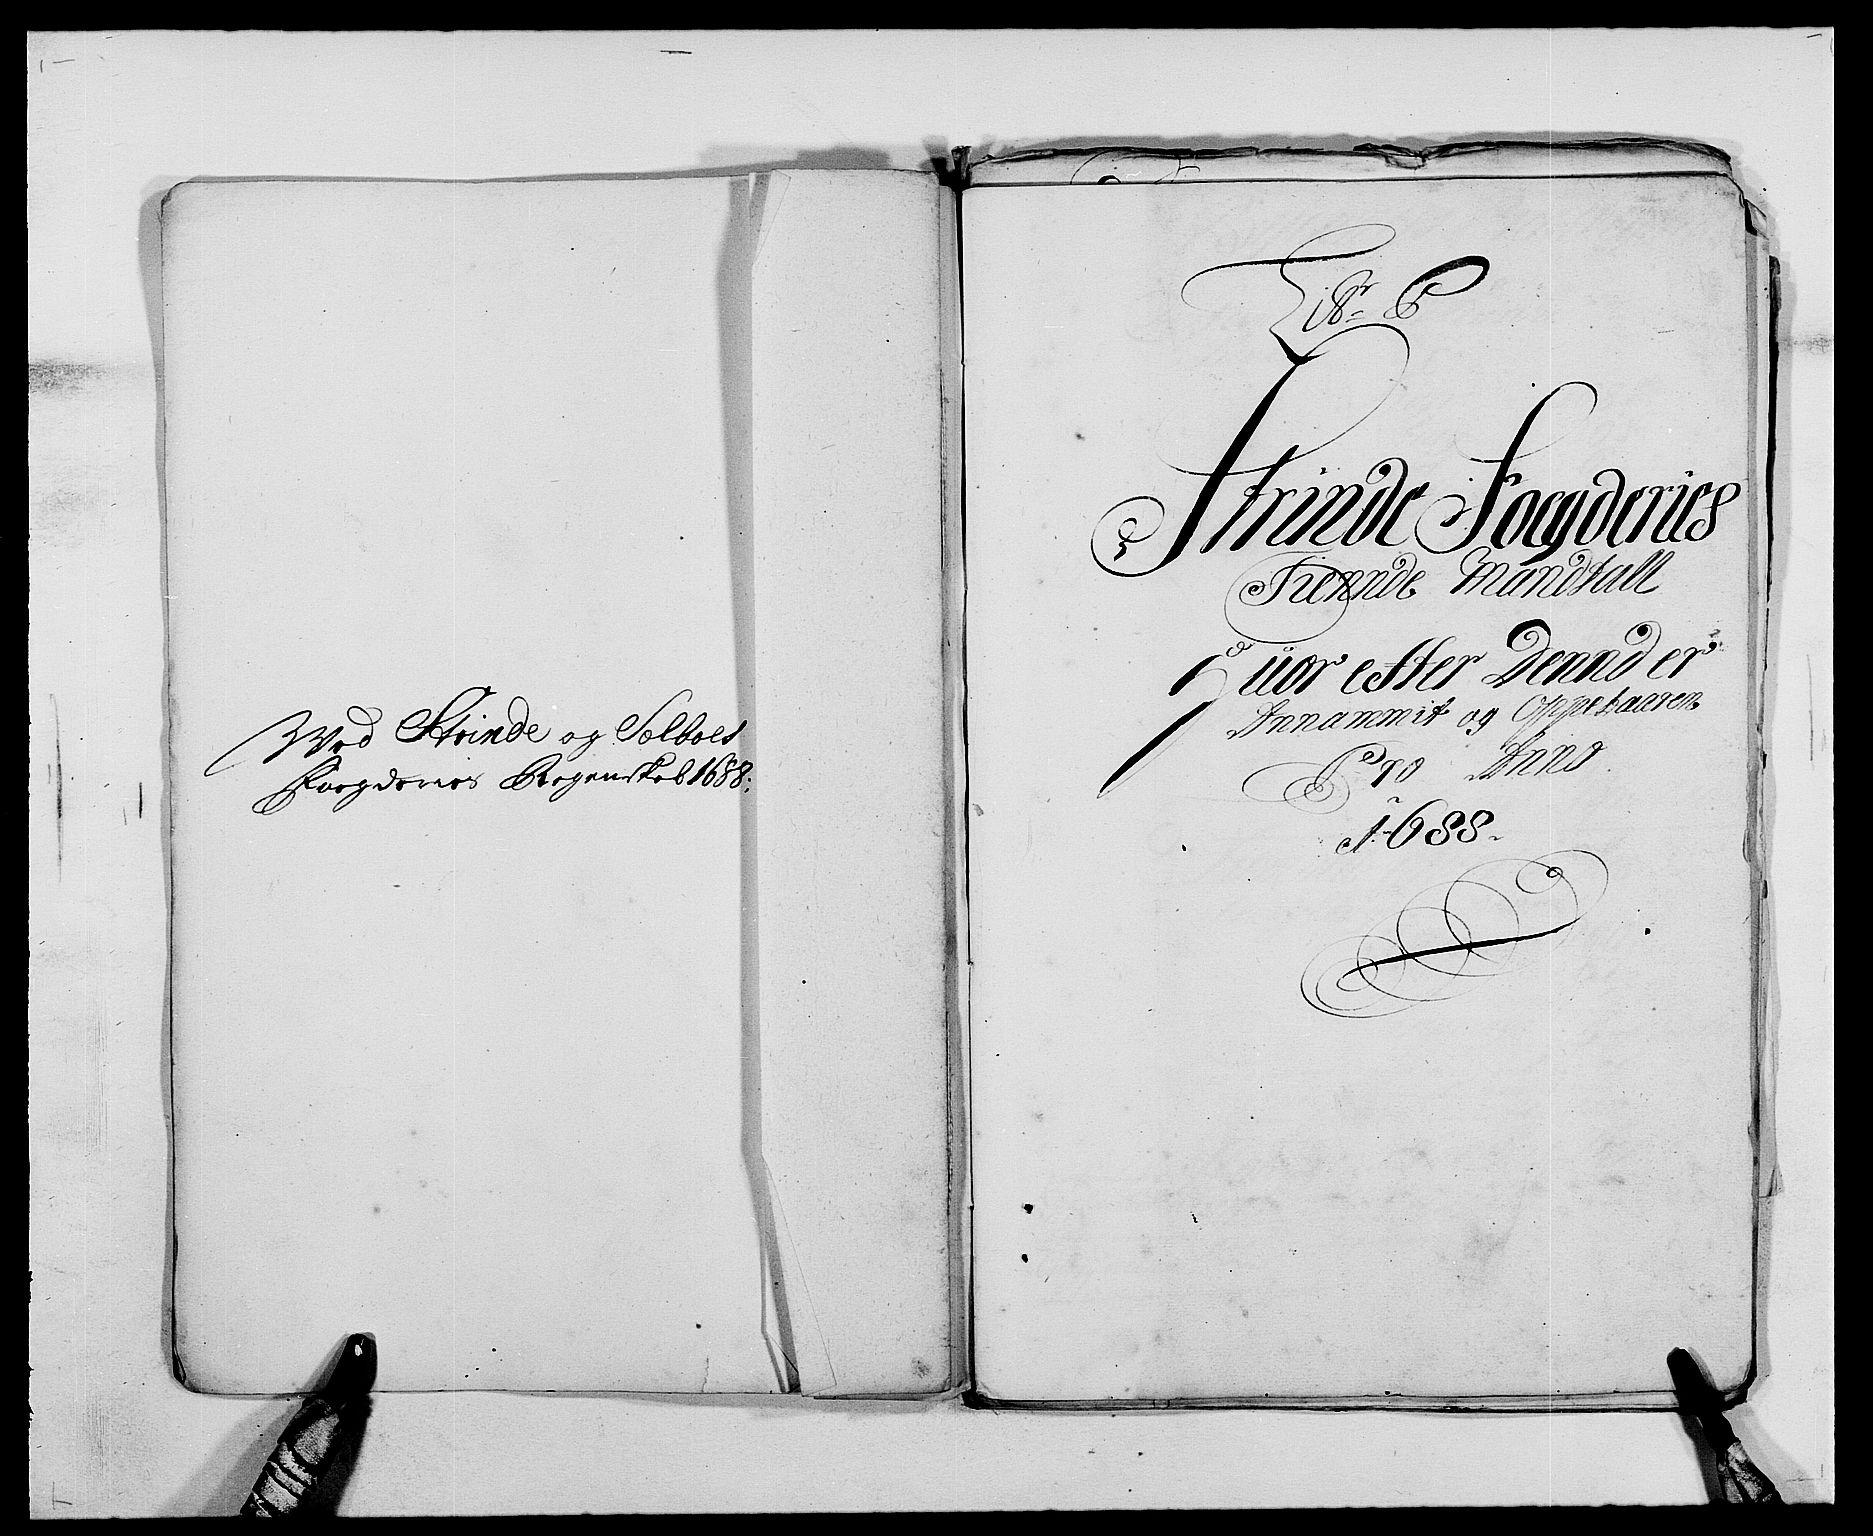 RA, Rentekammeret inntil 1814, Reviderte regnskaper, Fogderegnskap, R61/L4101: Fogderegnskap Strinda og Selbu, 1687-1688, s. 241